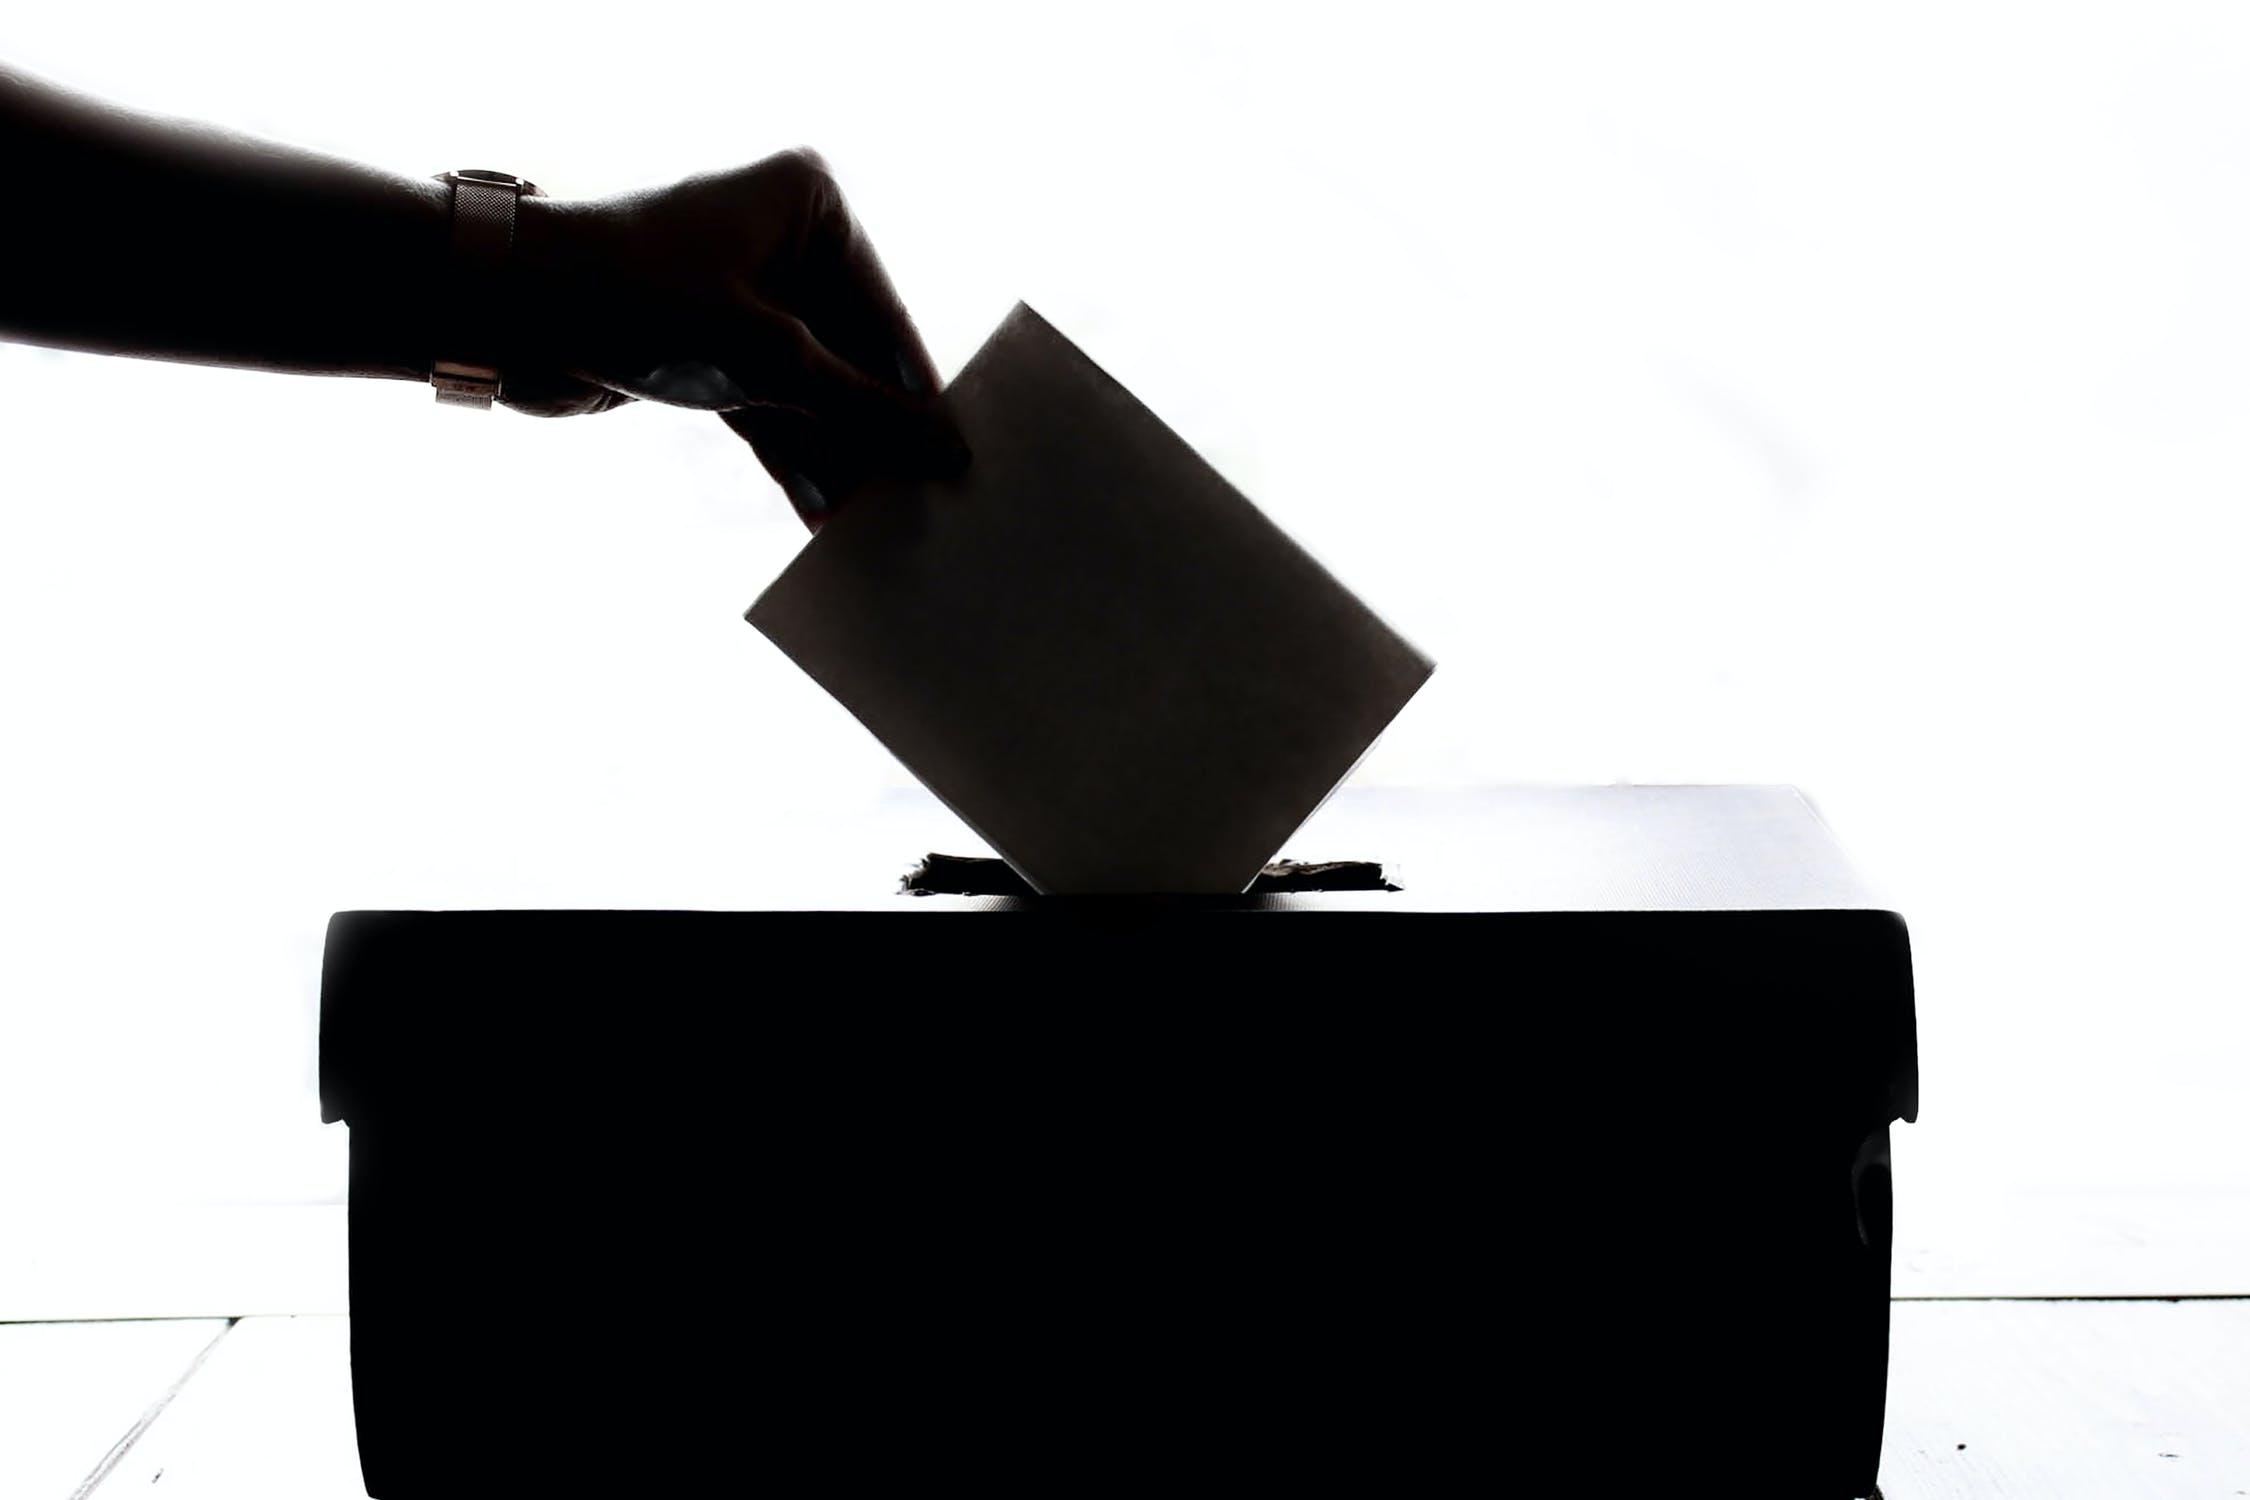 Wahlhelferinnen und Wahlhelfer gesucht